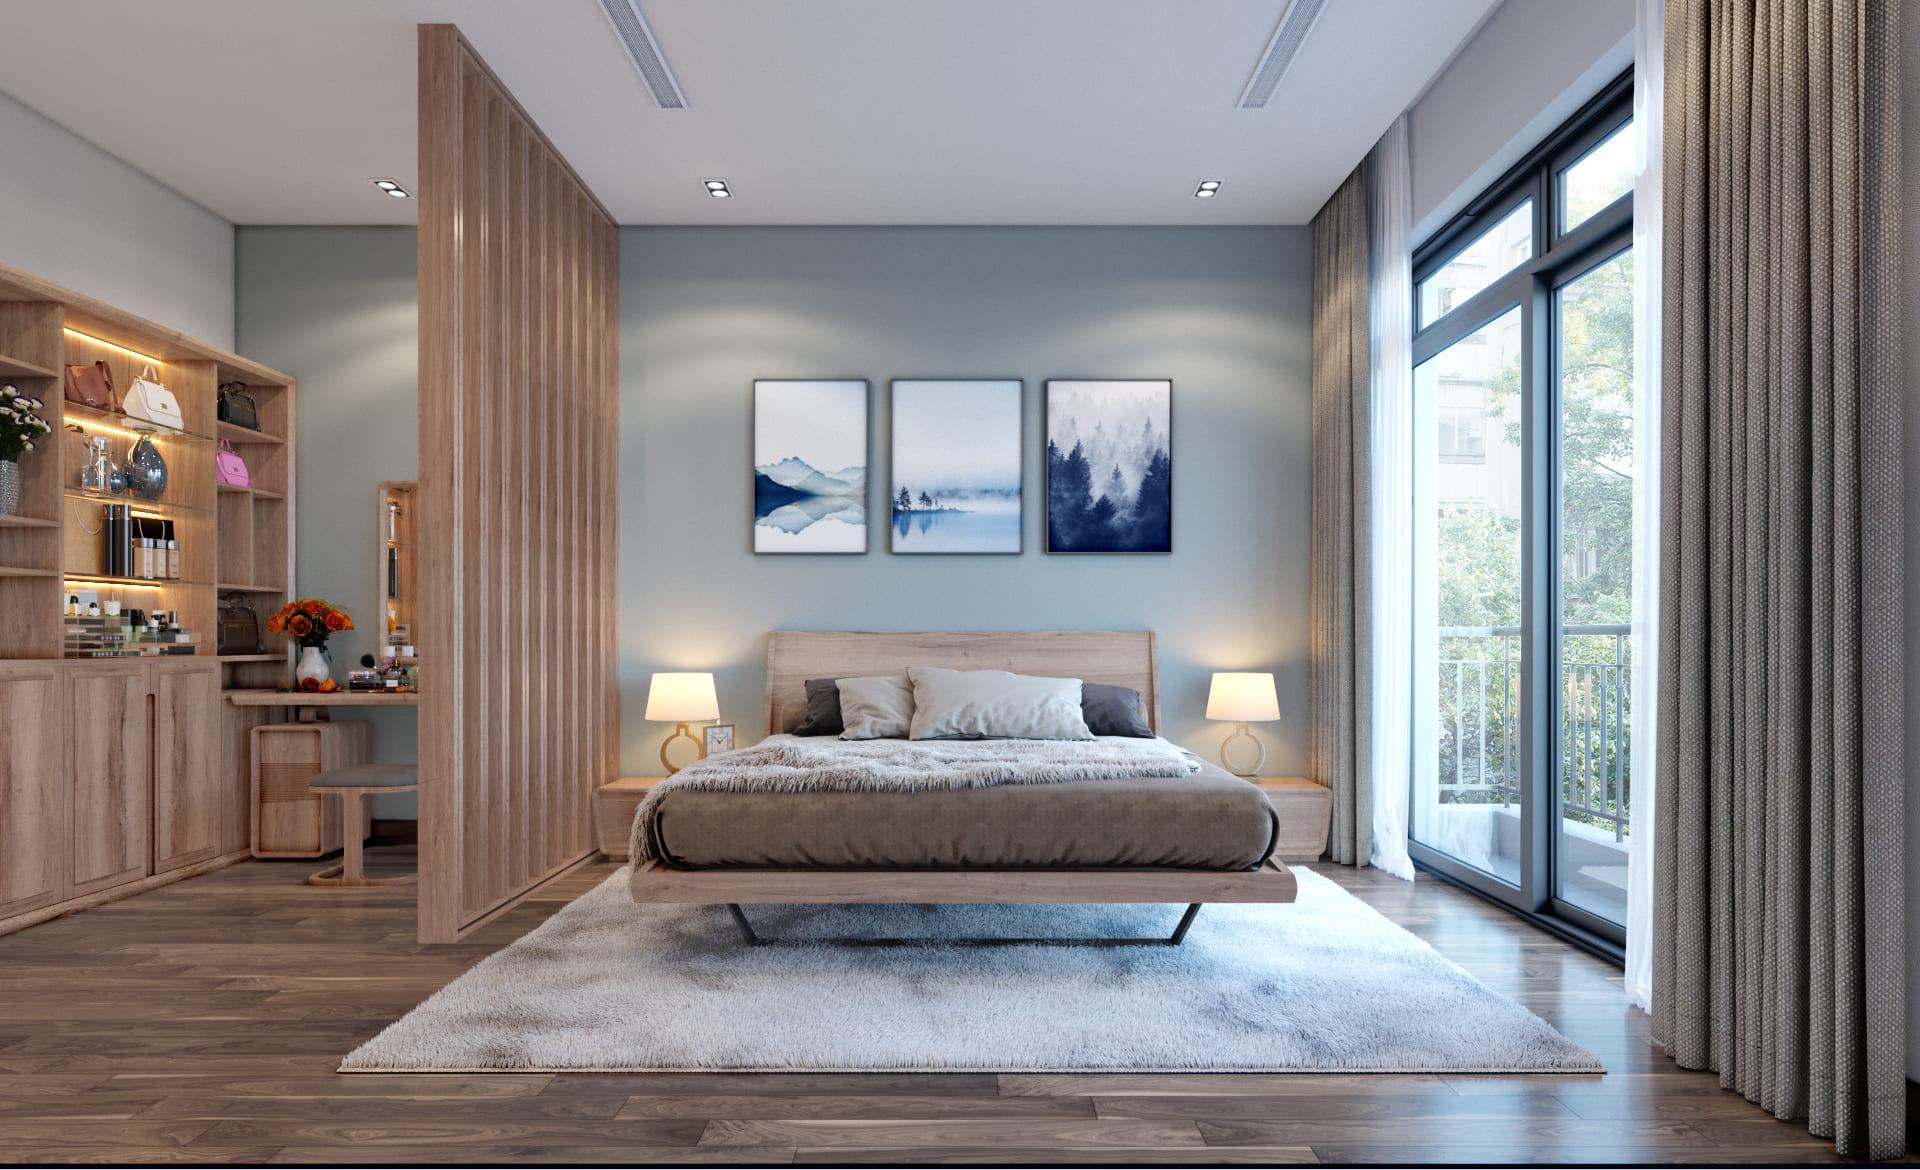 thiết kế nội thất biệt thự phòng ngủ đẹp hiện đại